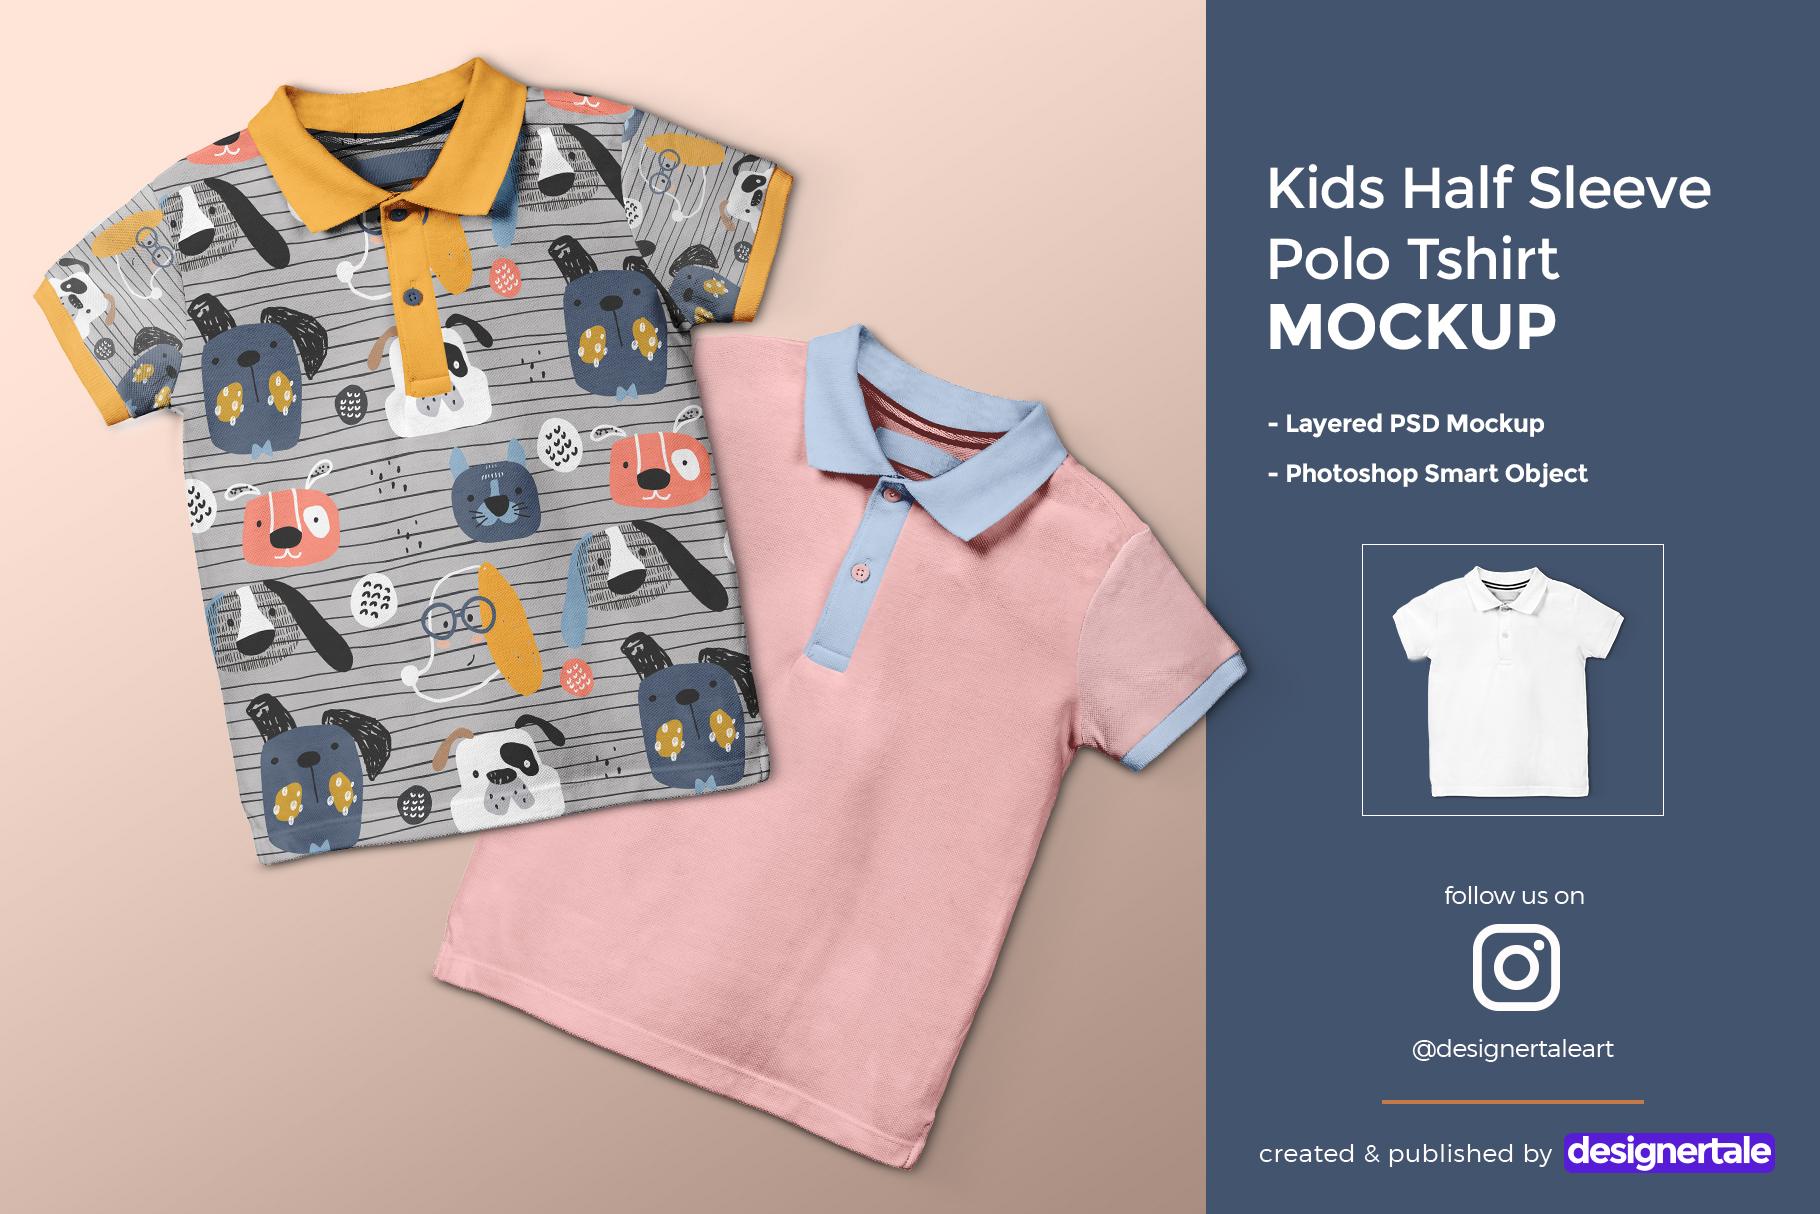 kid's half sleeve polo tshirt mockup